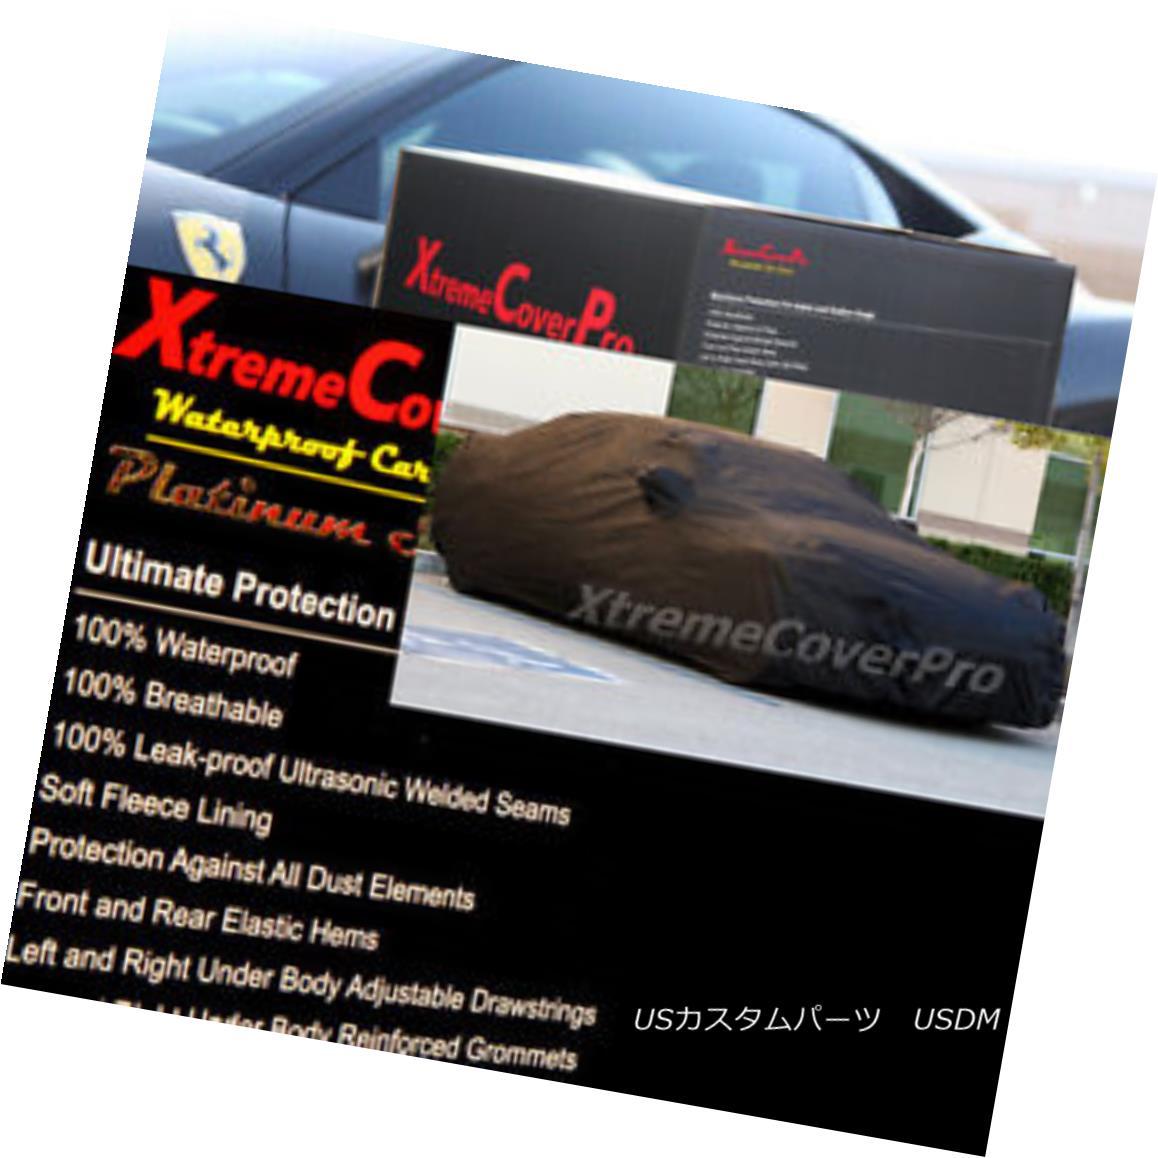 カーカバー 2015 AUDI A5 S5 RS5 COUPE Waterproof Car Cover w/Mirror Pockets - Black 2015 AUDI A5 S5 RS5 COUPEミラーポケット付き防水カーカバー - ブラック